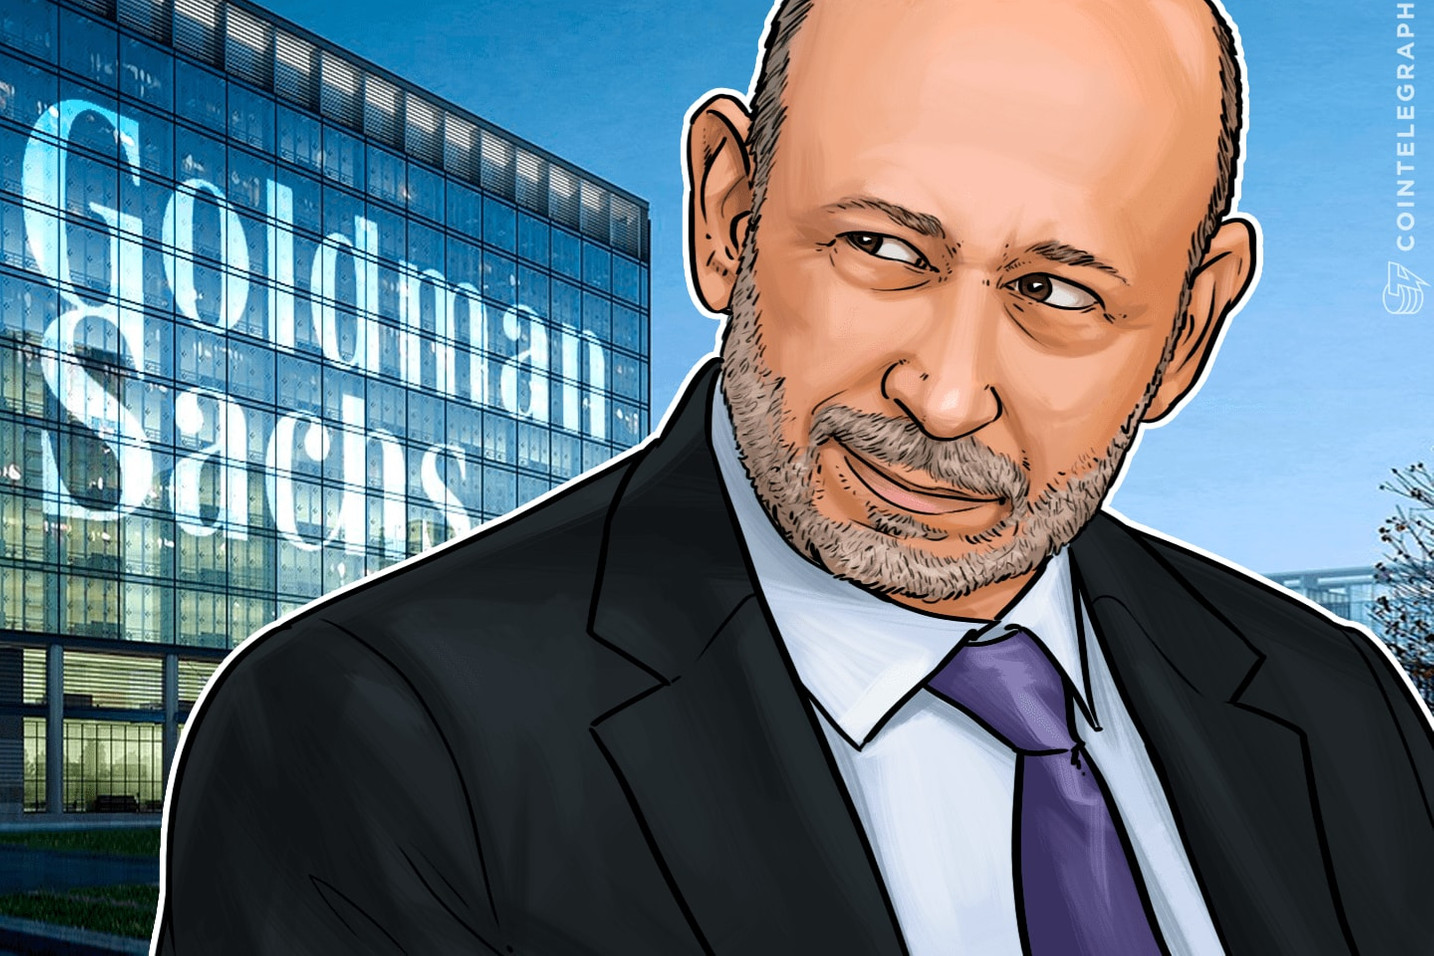 CEO de Goldman Sachs: Es 'Demasiado arrogante' pensar que las Cripto no funcionarán porque son 'desconocidas'